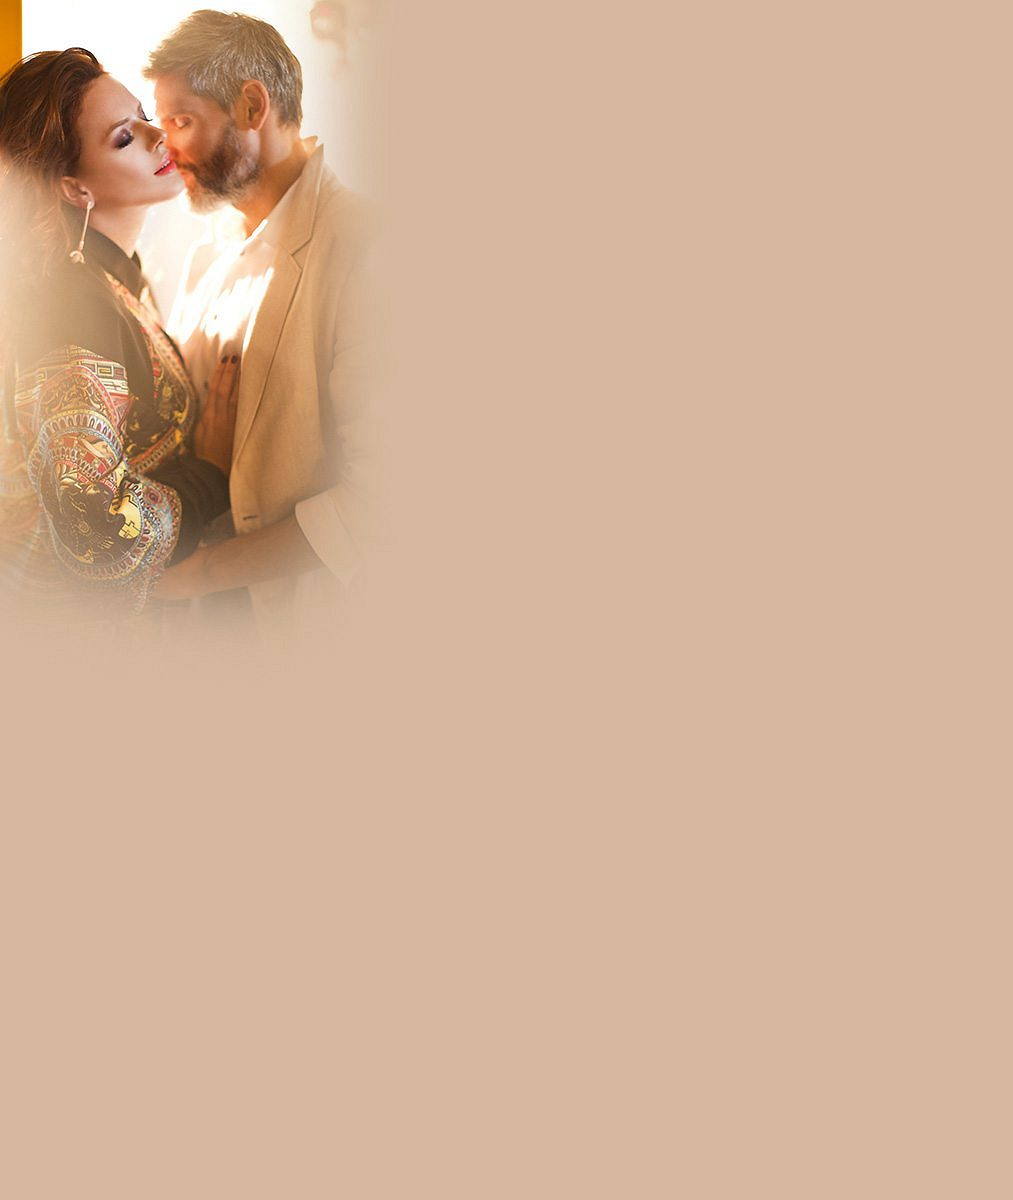 Svou lásku před objektivem nemuseli předstírat. Hvězda Ordinace neskrývá city ke svému uhrančivému manželovi